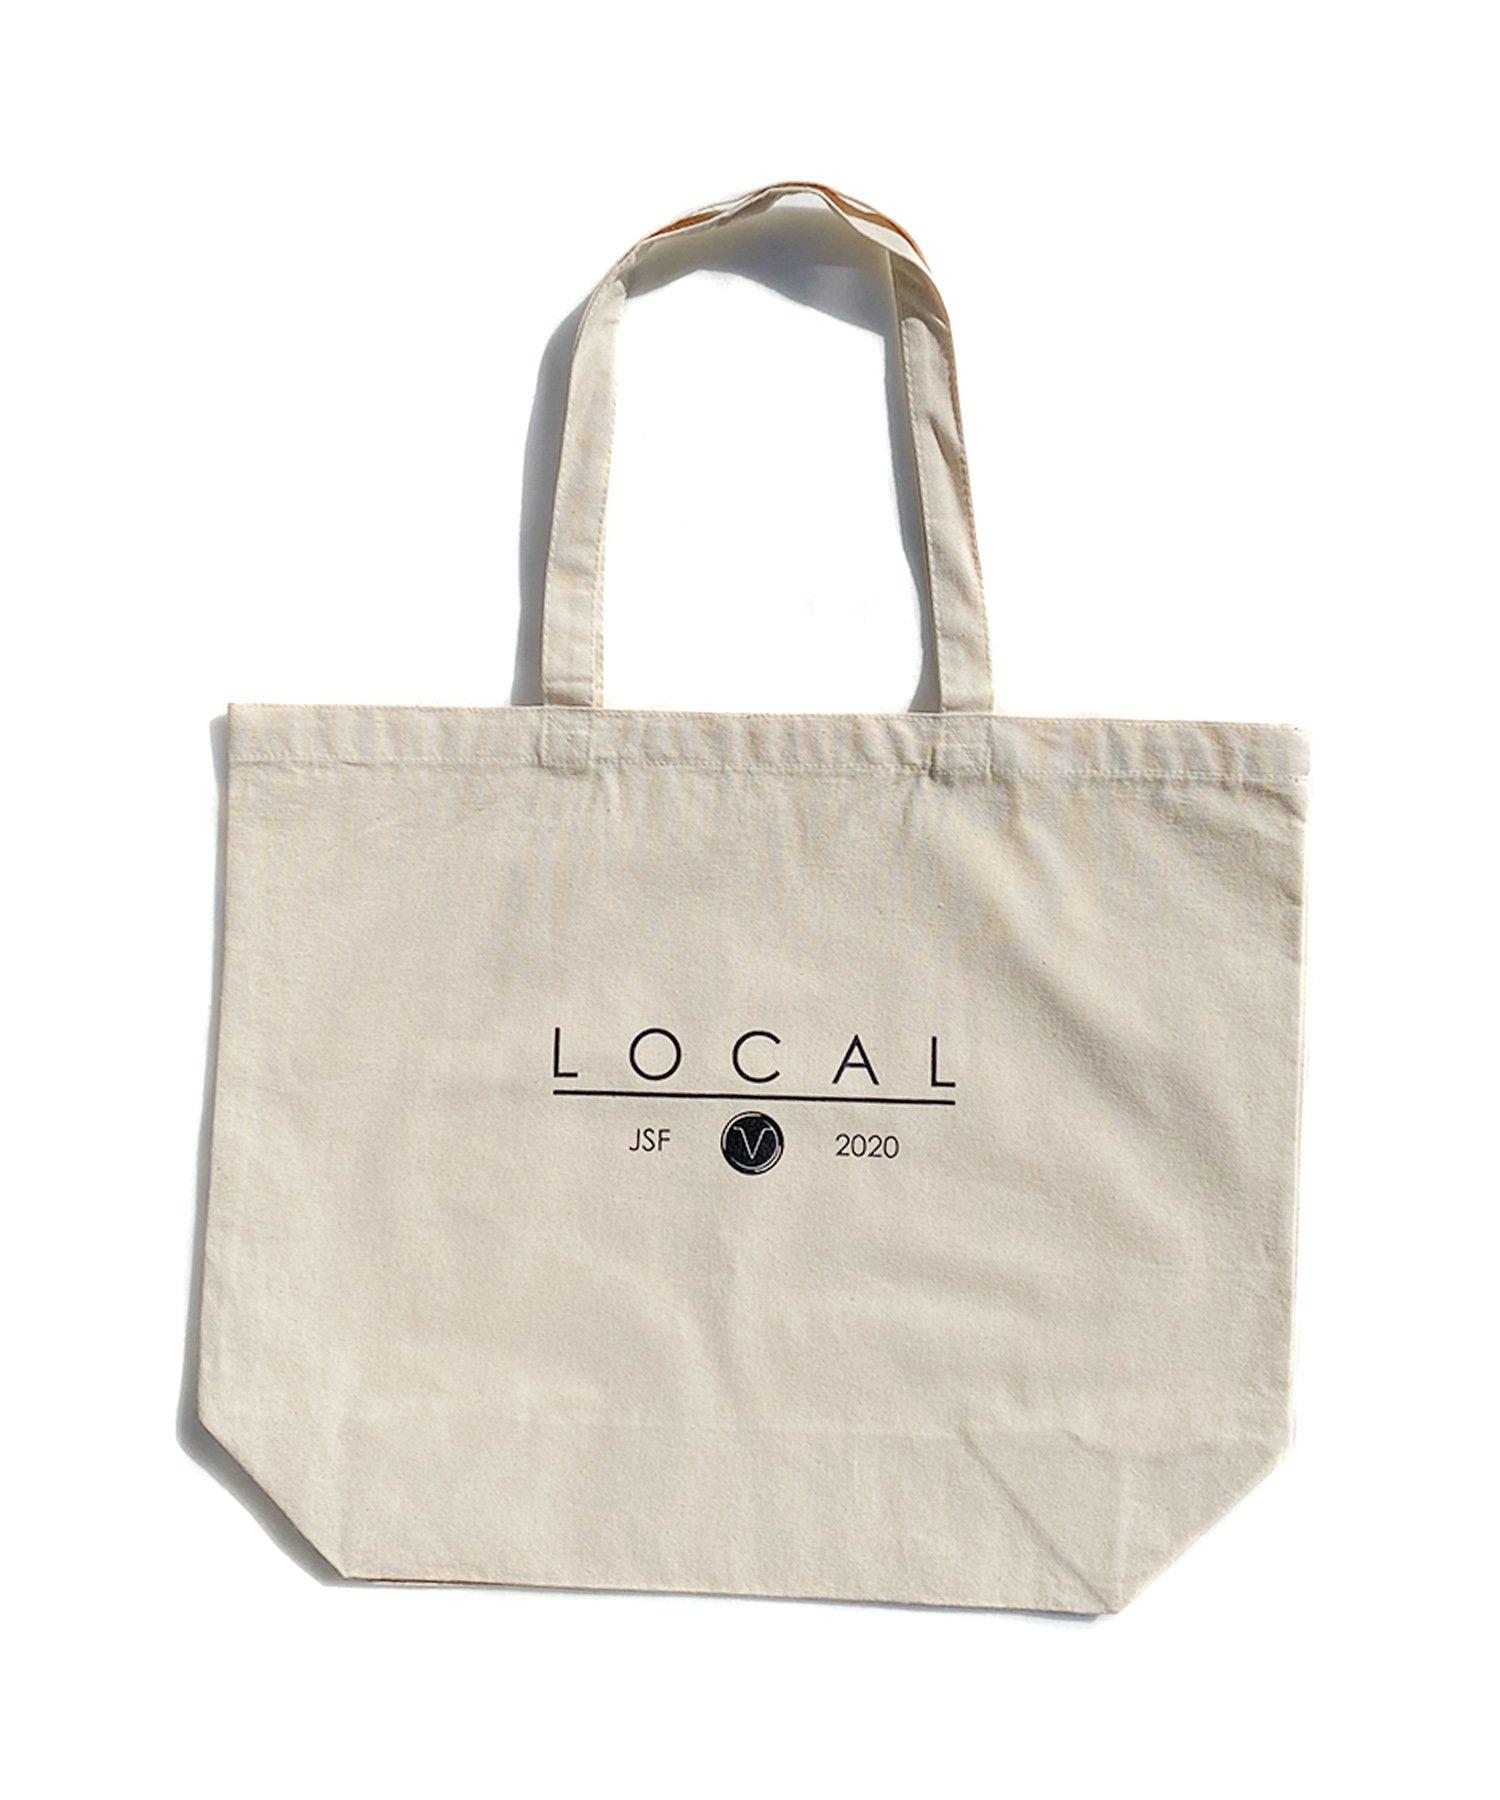 LOCAL TOTE BAG